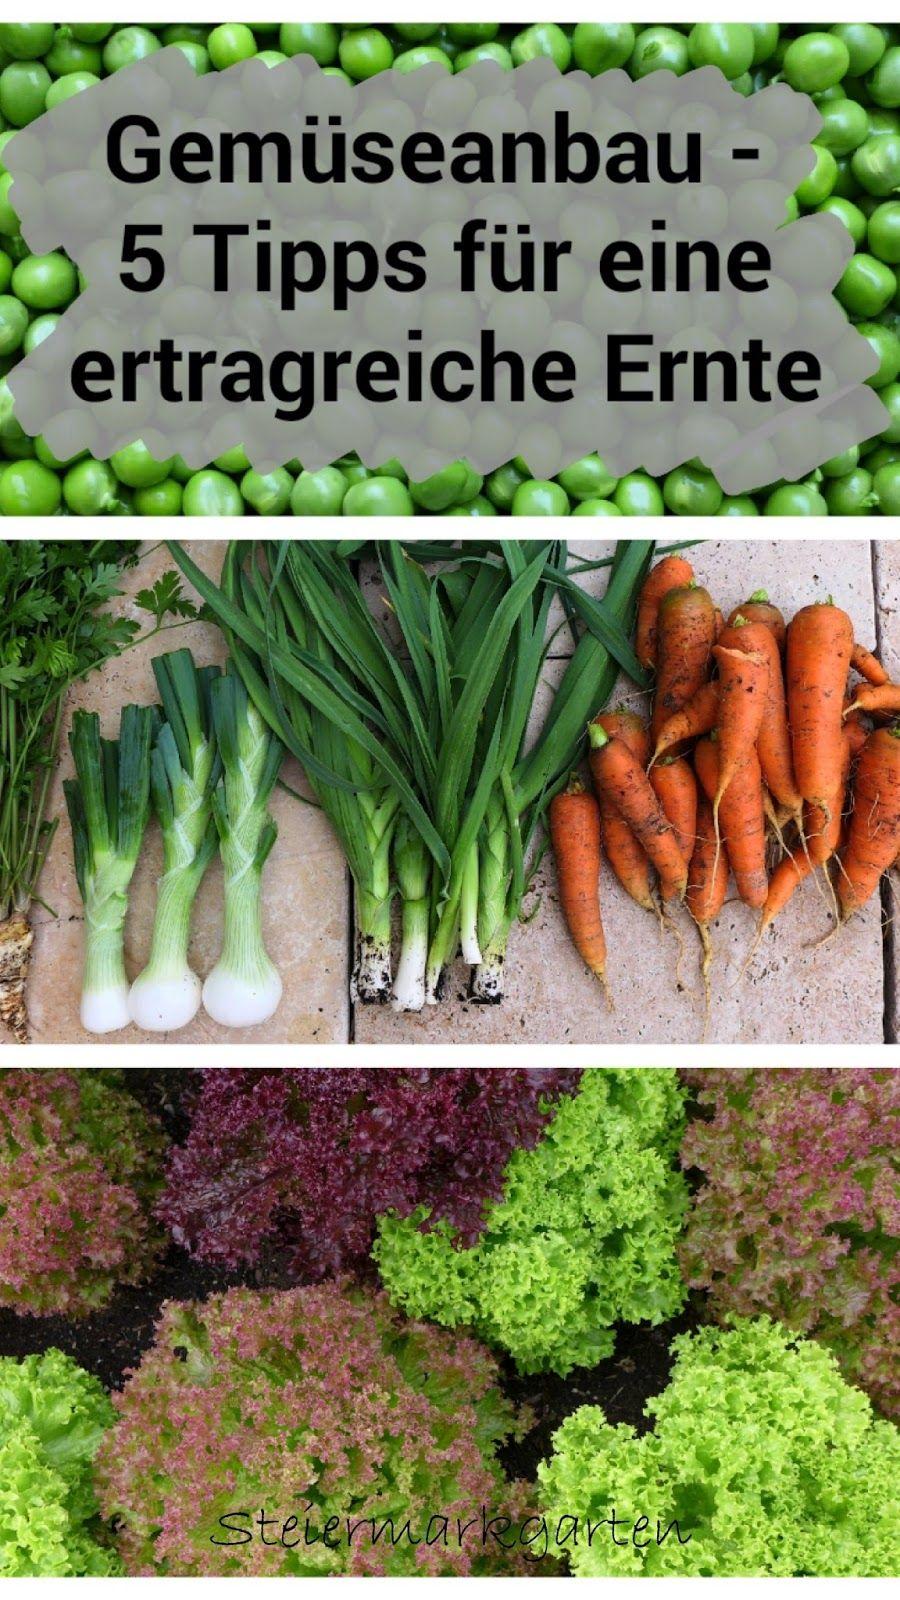 Ihr wollt auch frisches Gemüse aus dem eigenen Garten ernten? Hier sind unsere Tipps für eine ertragreiche Gemüseernte #herbsgarden